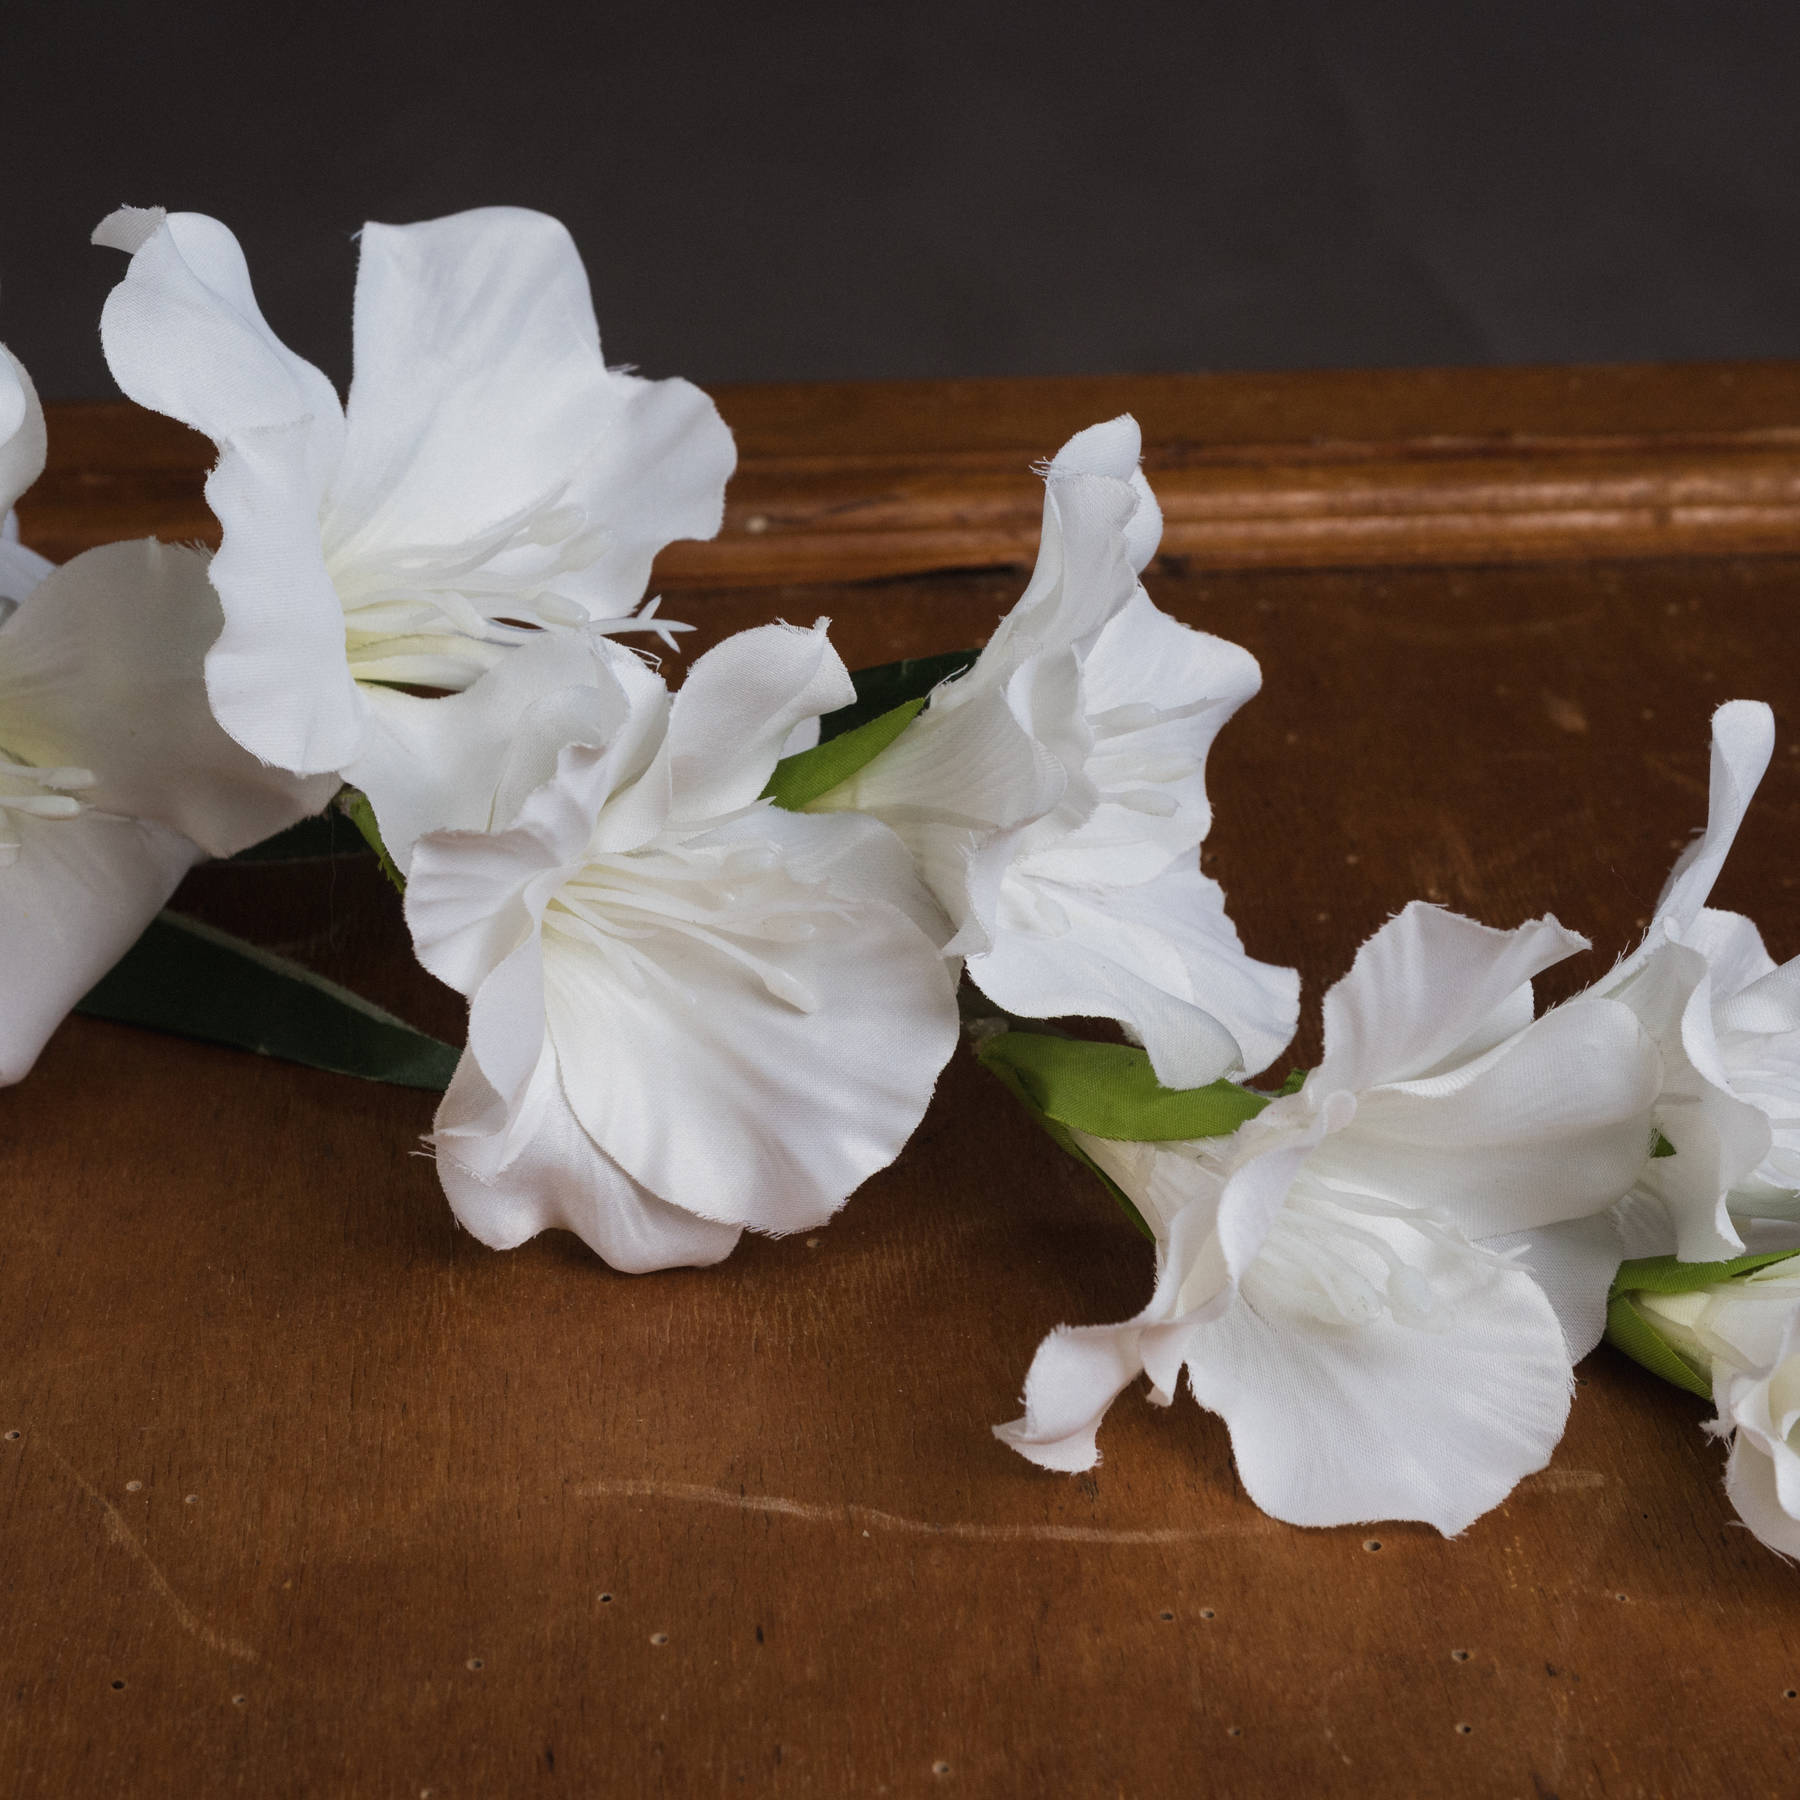 White Gladioli - Image 3